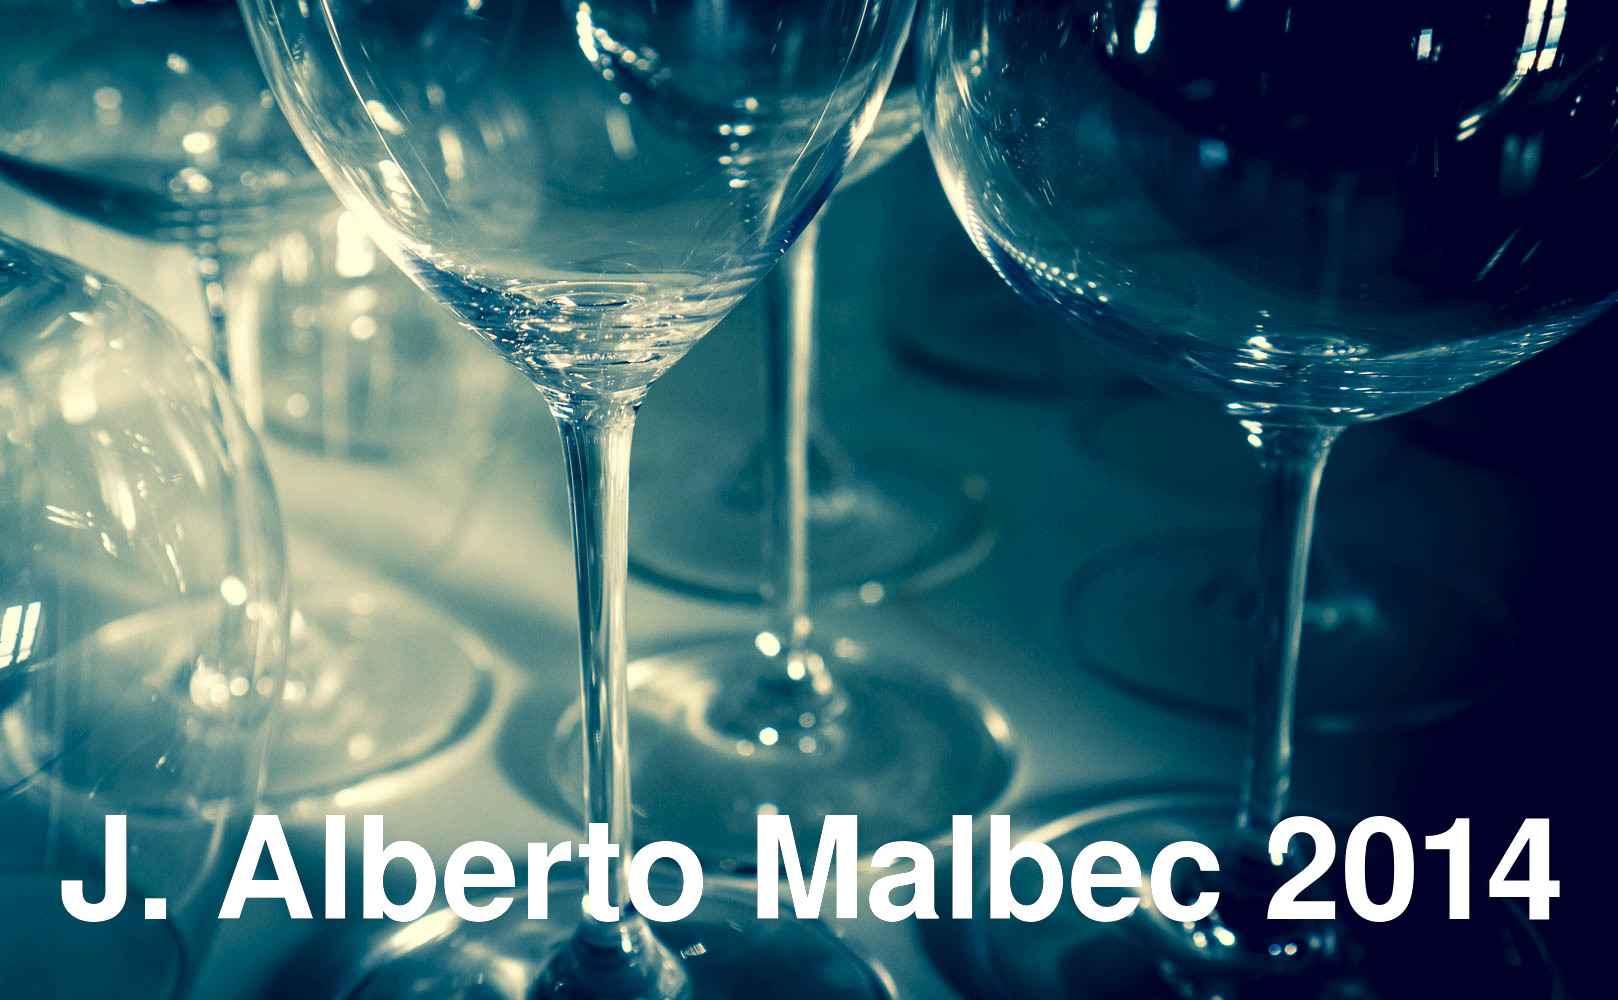 Go to J. Alberto Malbec 2014 von Bodega Noemia aus Patagonien, Argentinien